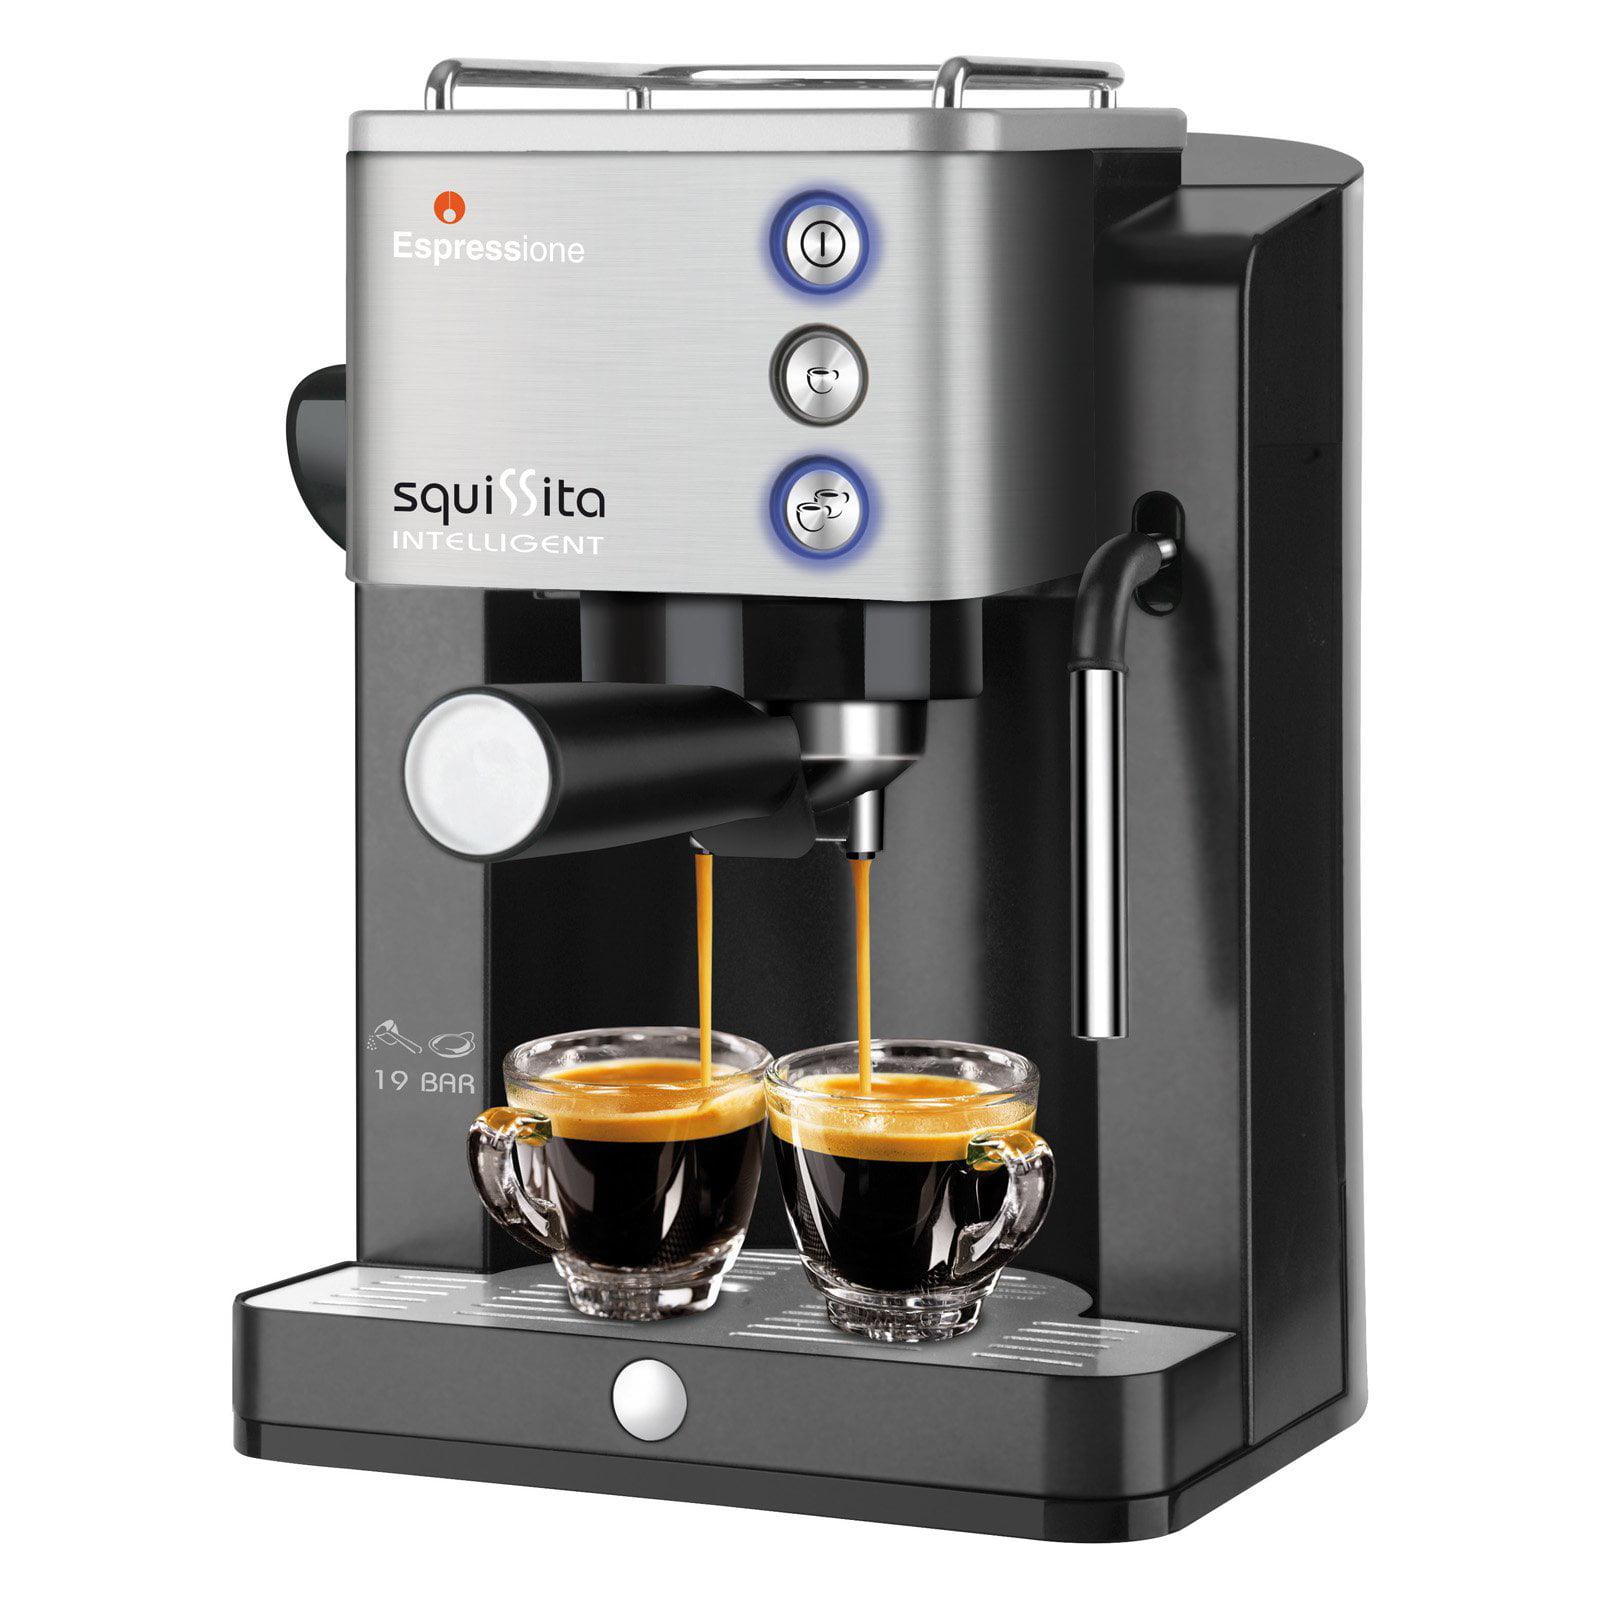 Espressione CE-4492 Squissita Intelligent Espresso Machine by